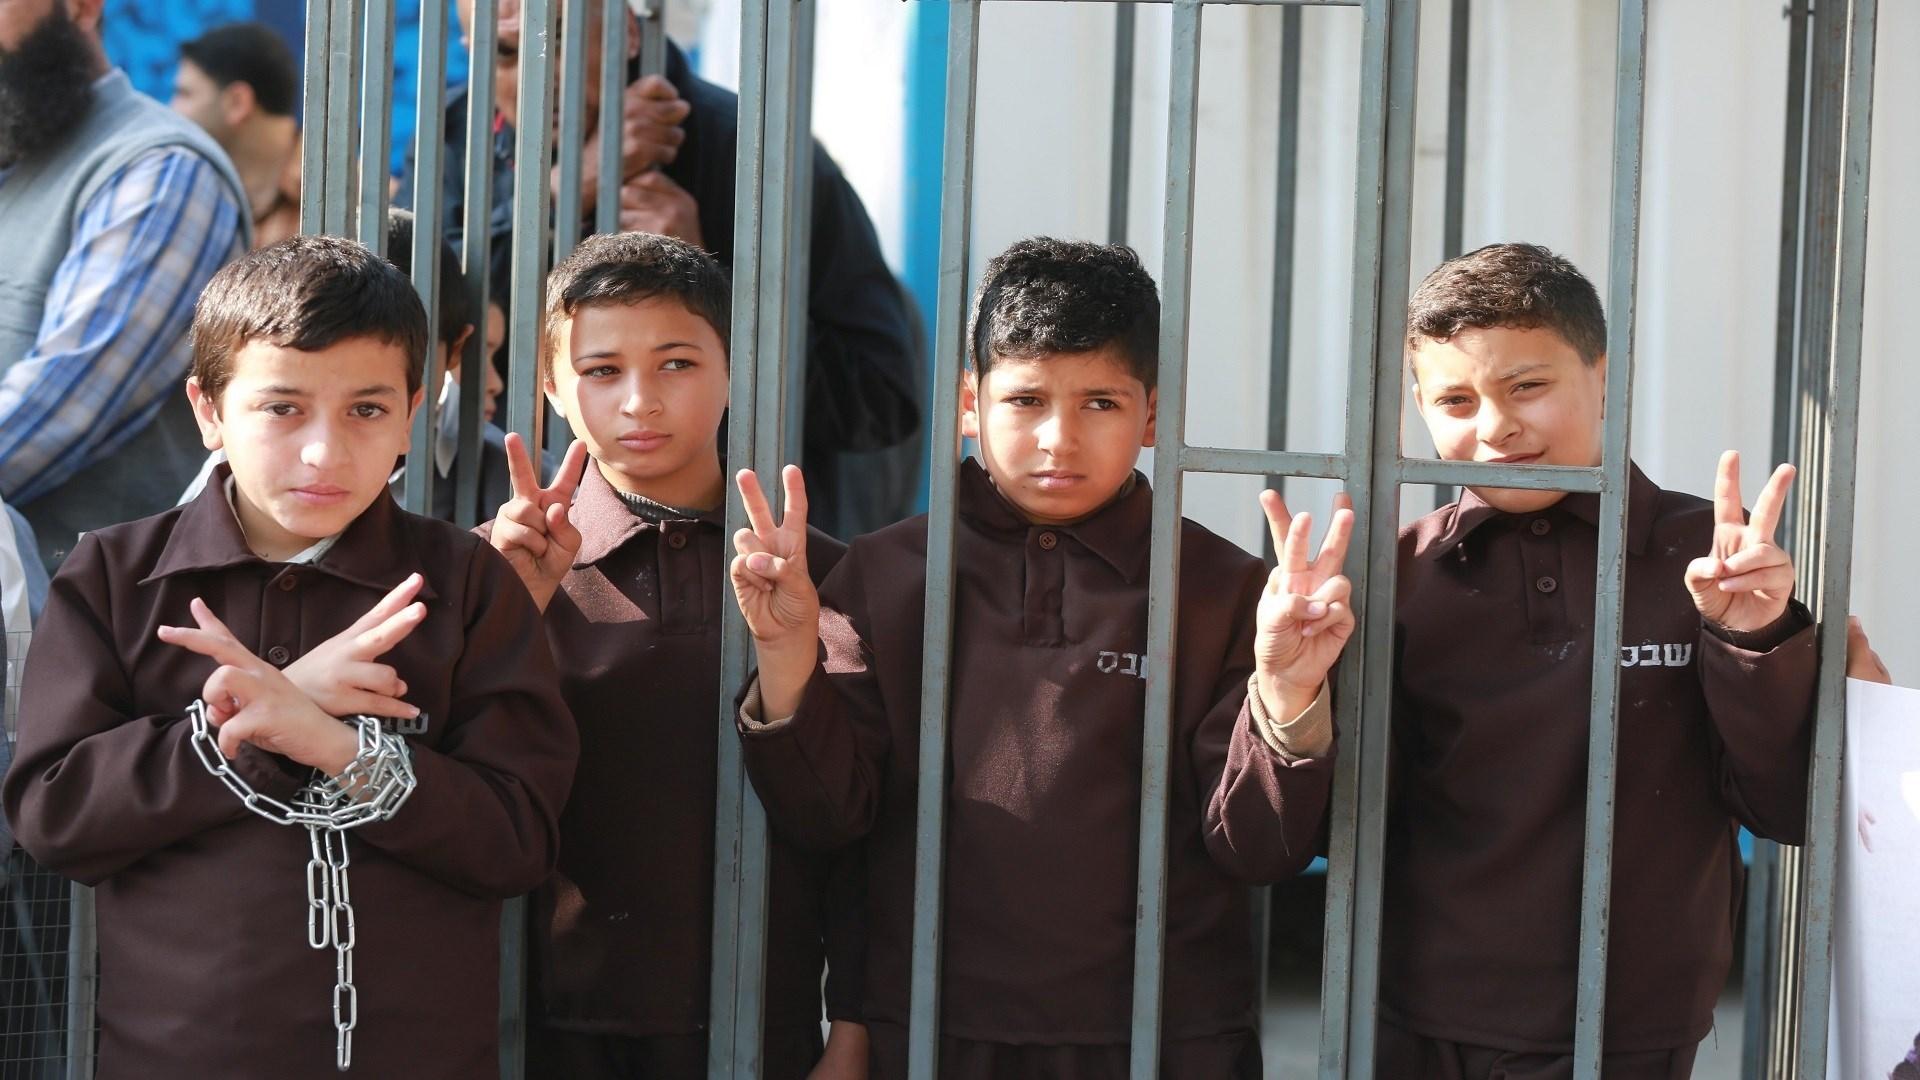 بمناسبة يوم الطفل العالمي: الاحتلال اعتقل أكثر من 400 طفل فلسطيني منذ بداية العام الجاري